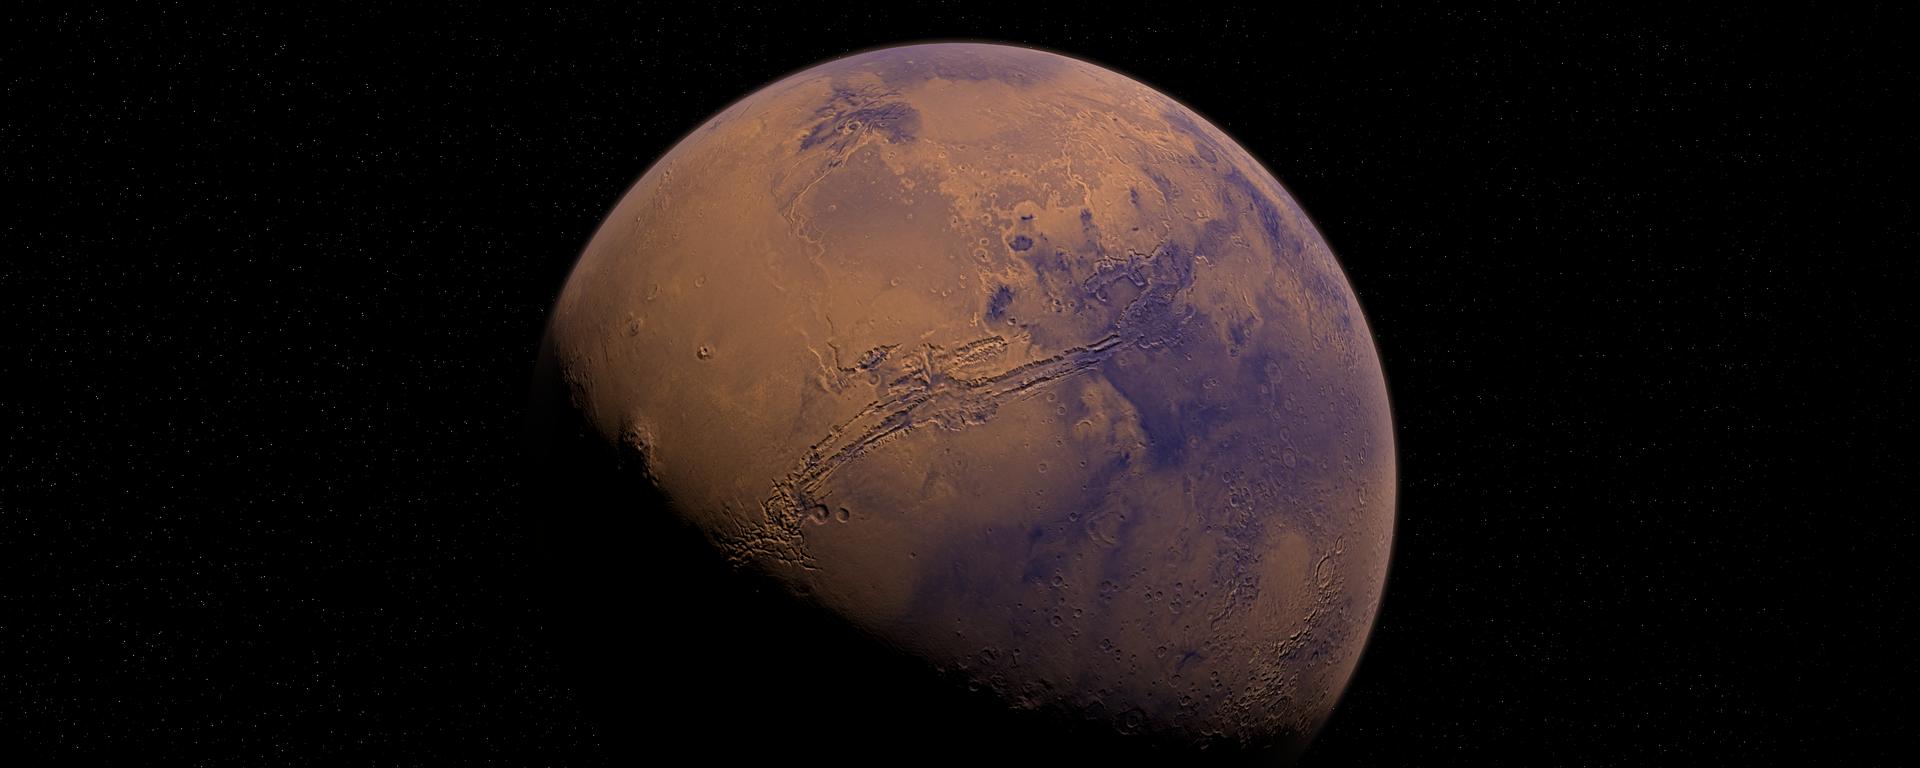 Marte (imagen referencial) - Sputnik Mundo, 1920, 12.02.2021